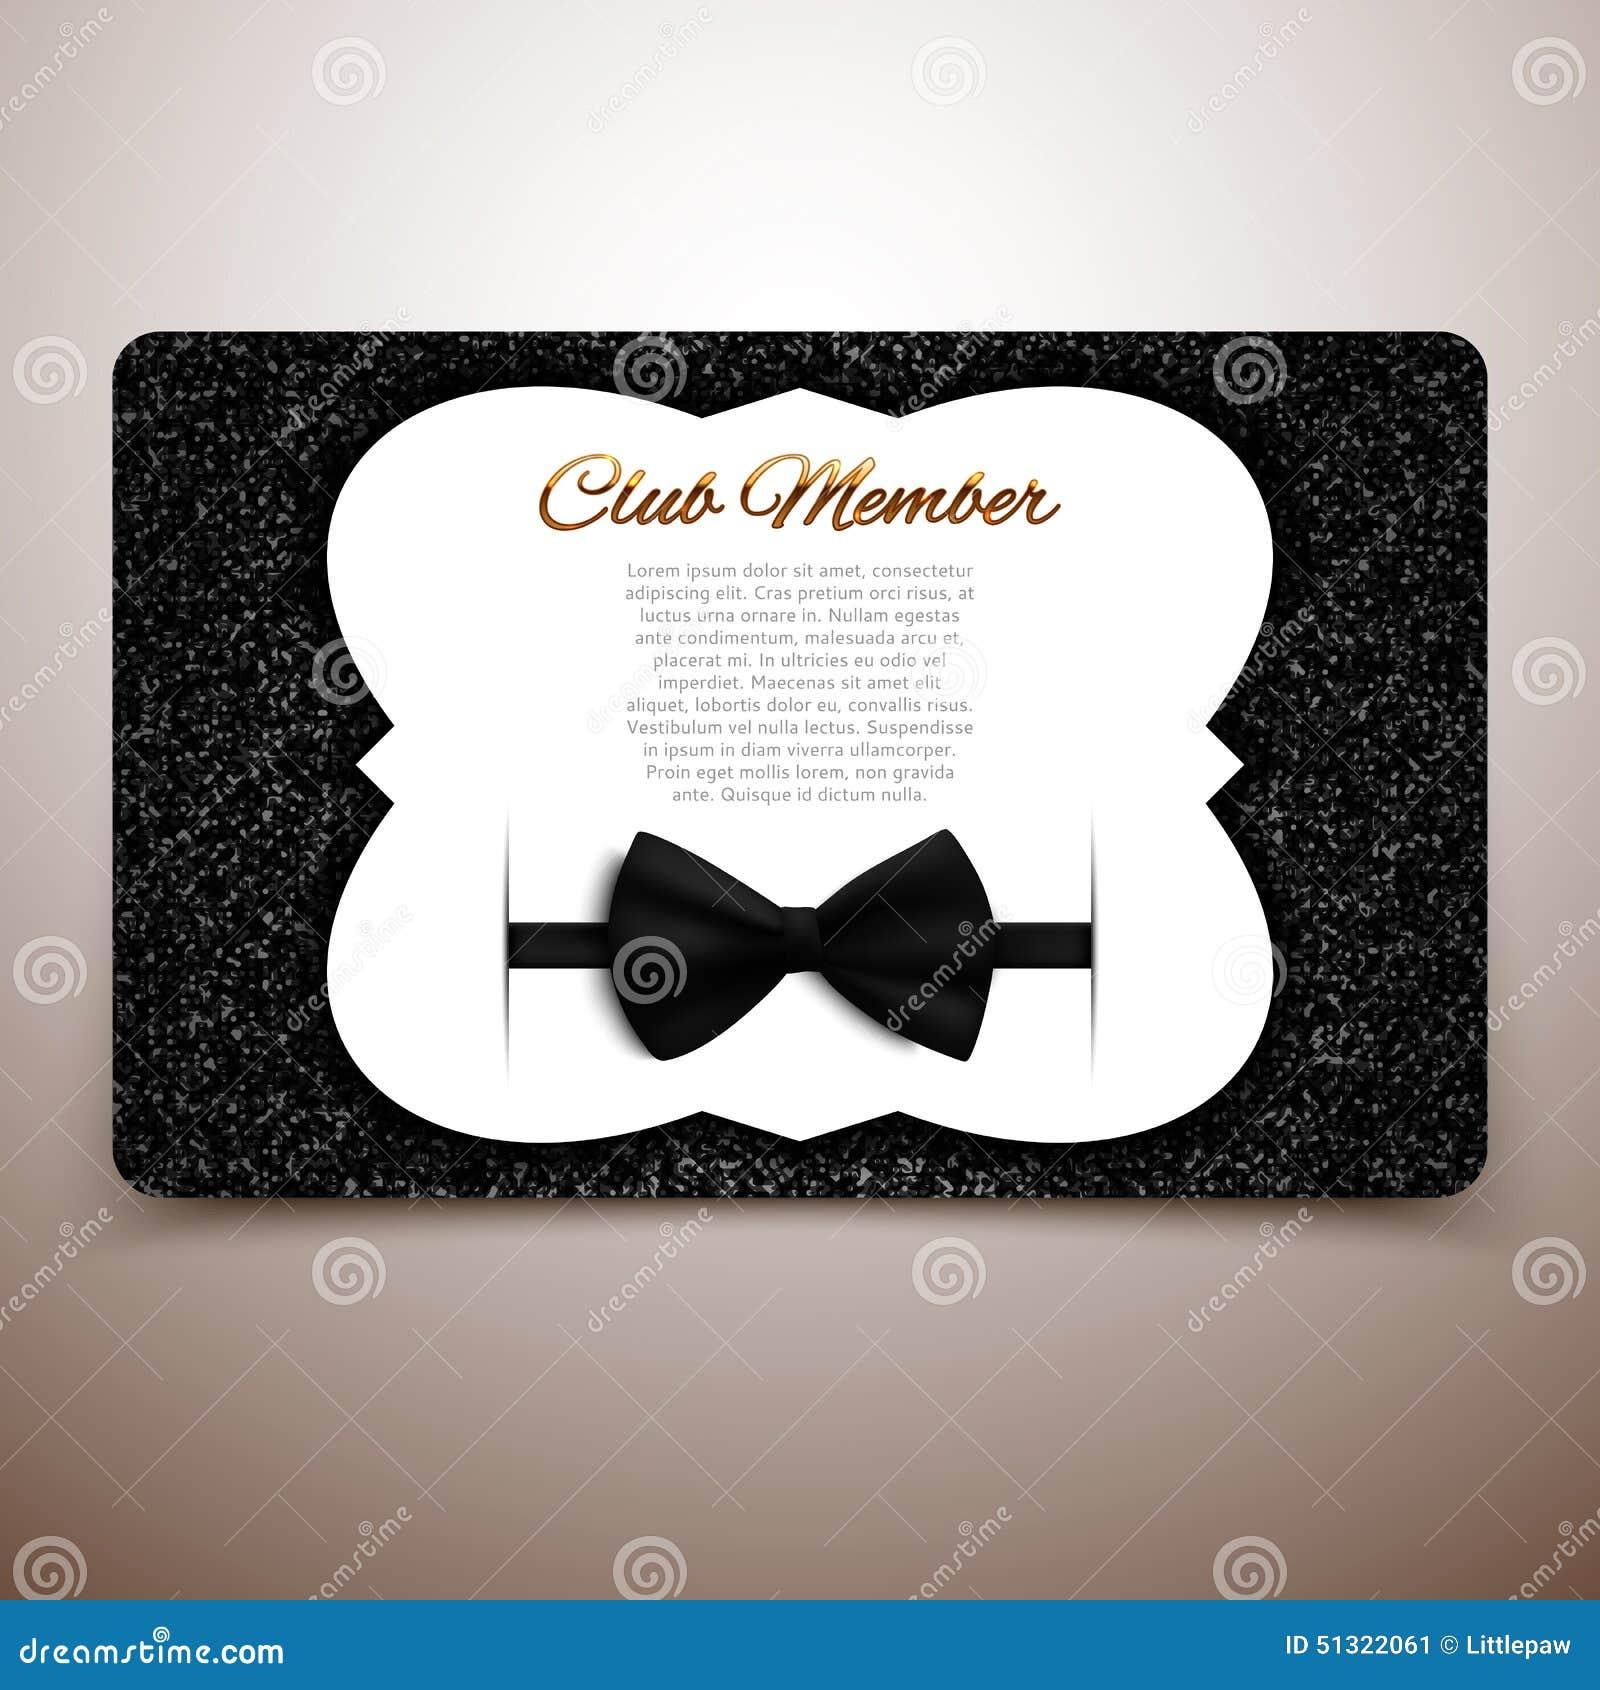 Club Member Vector Card, Gentlemen Club, Vip Card, Black ...